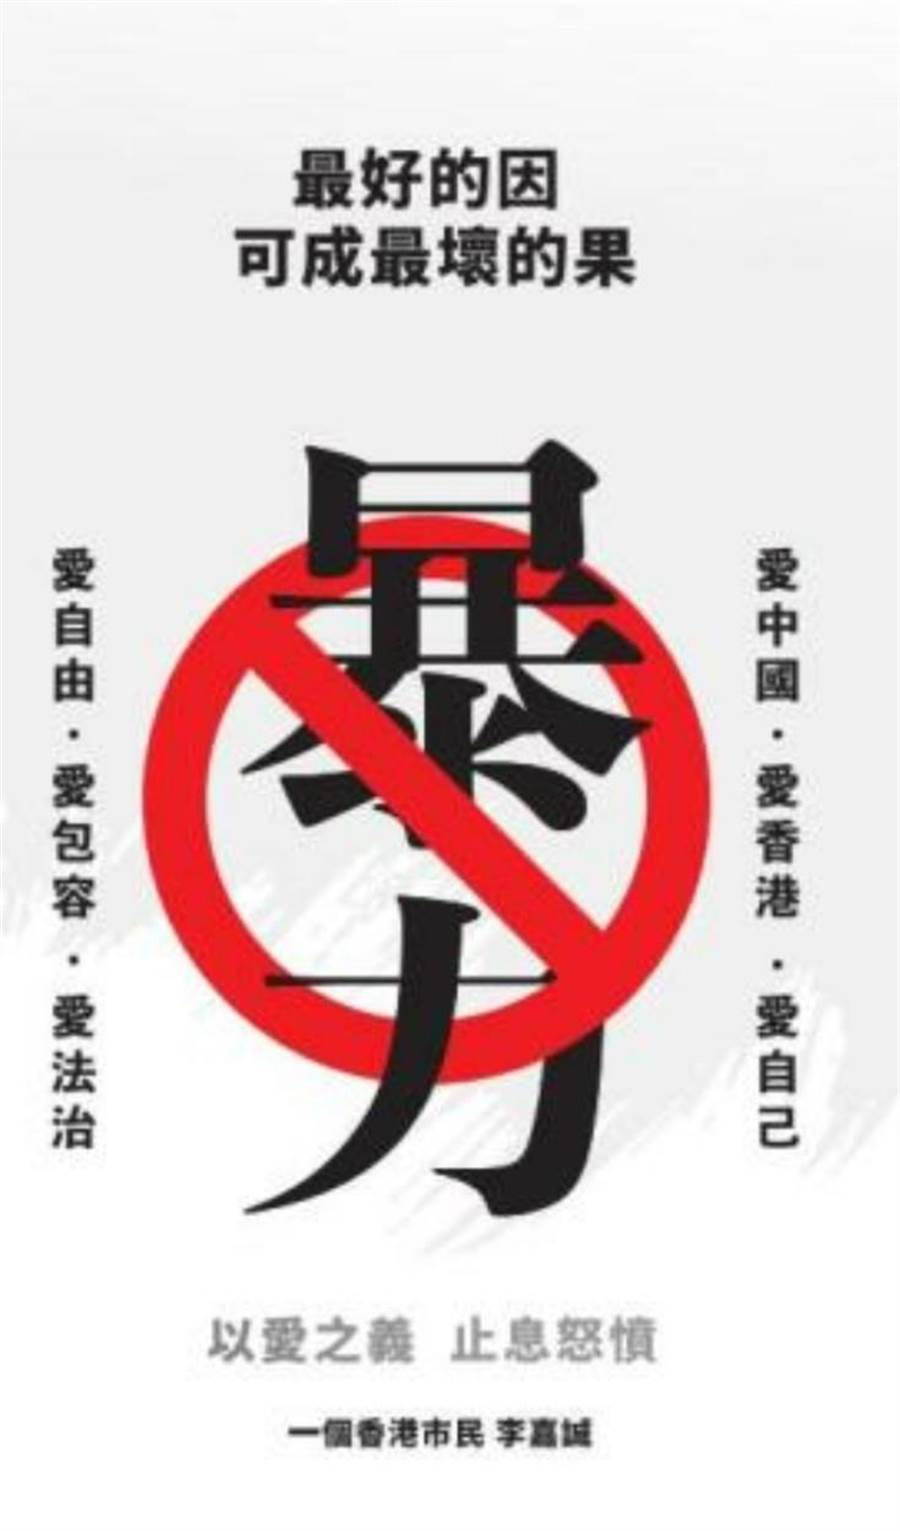 香港富豪李嘉誠在港媒刊登廣告,呼籲愛包容·愛法治。(取自文匯報)